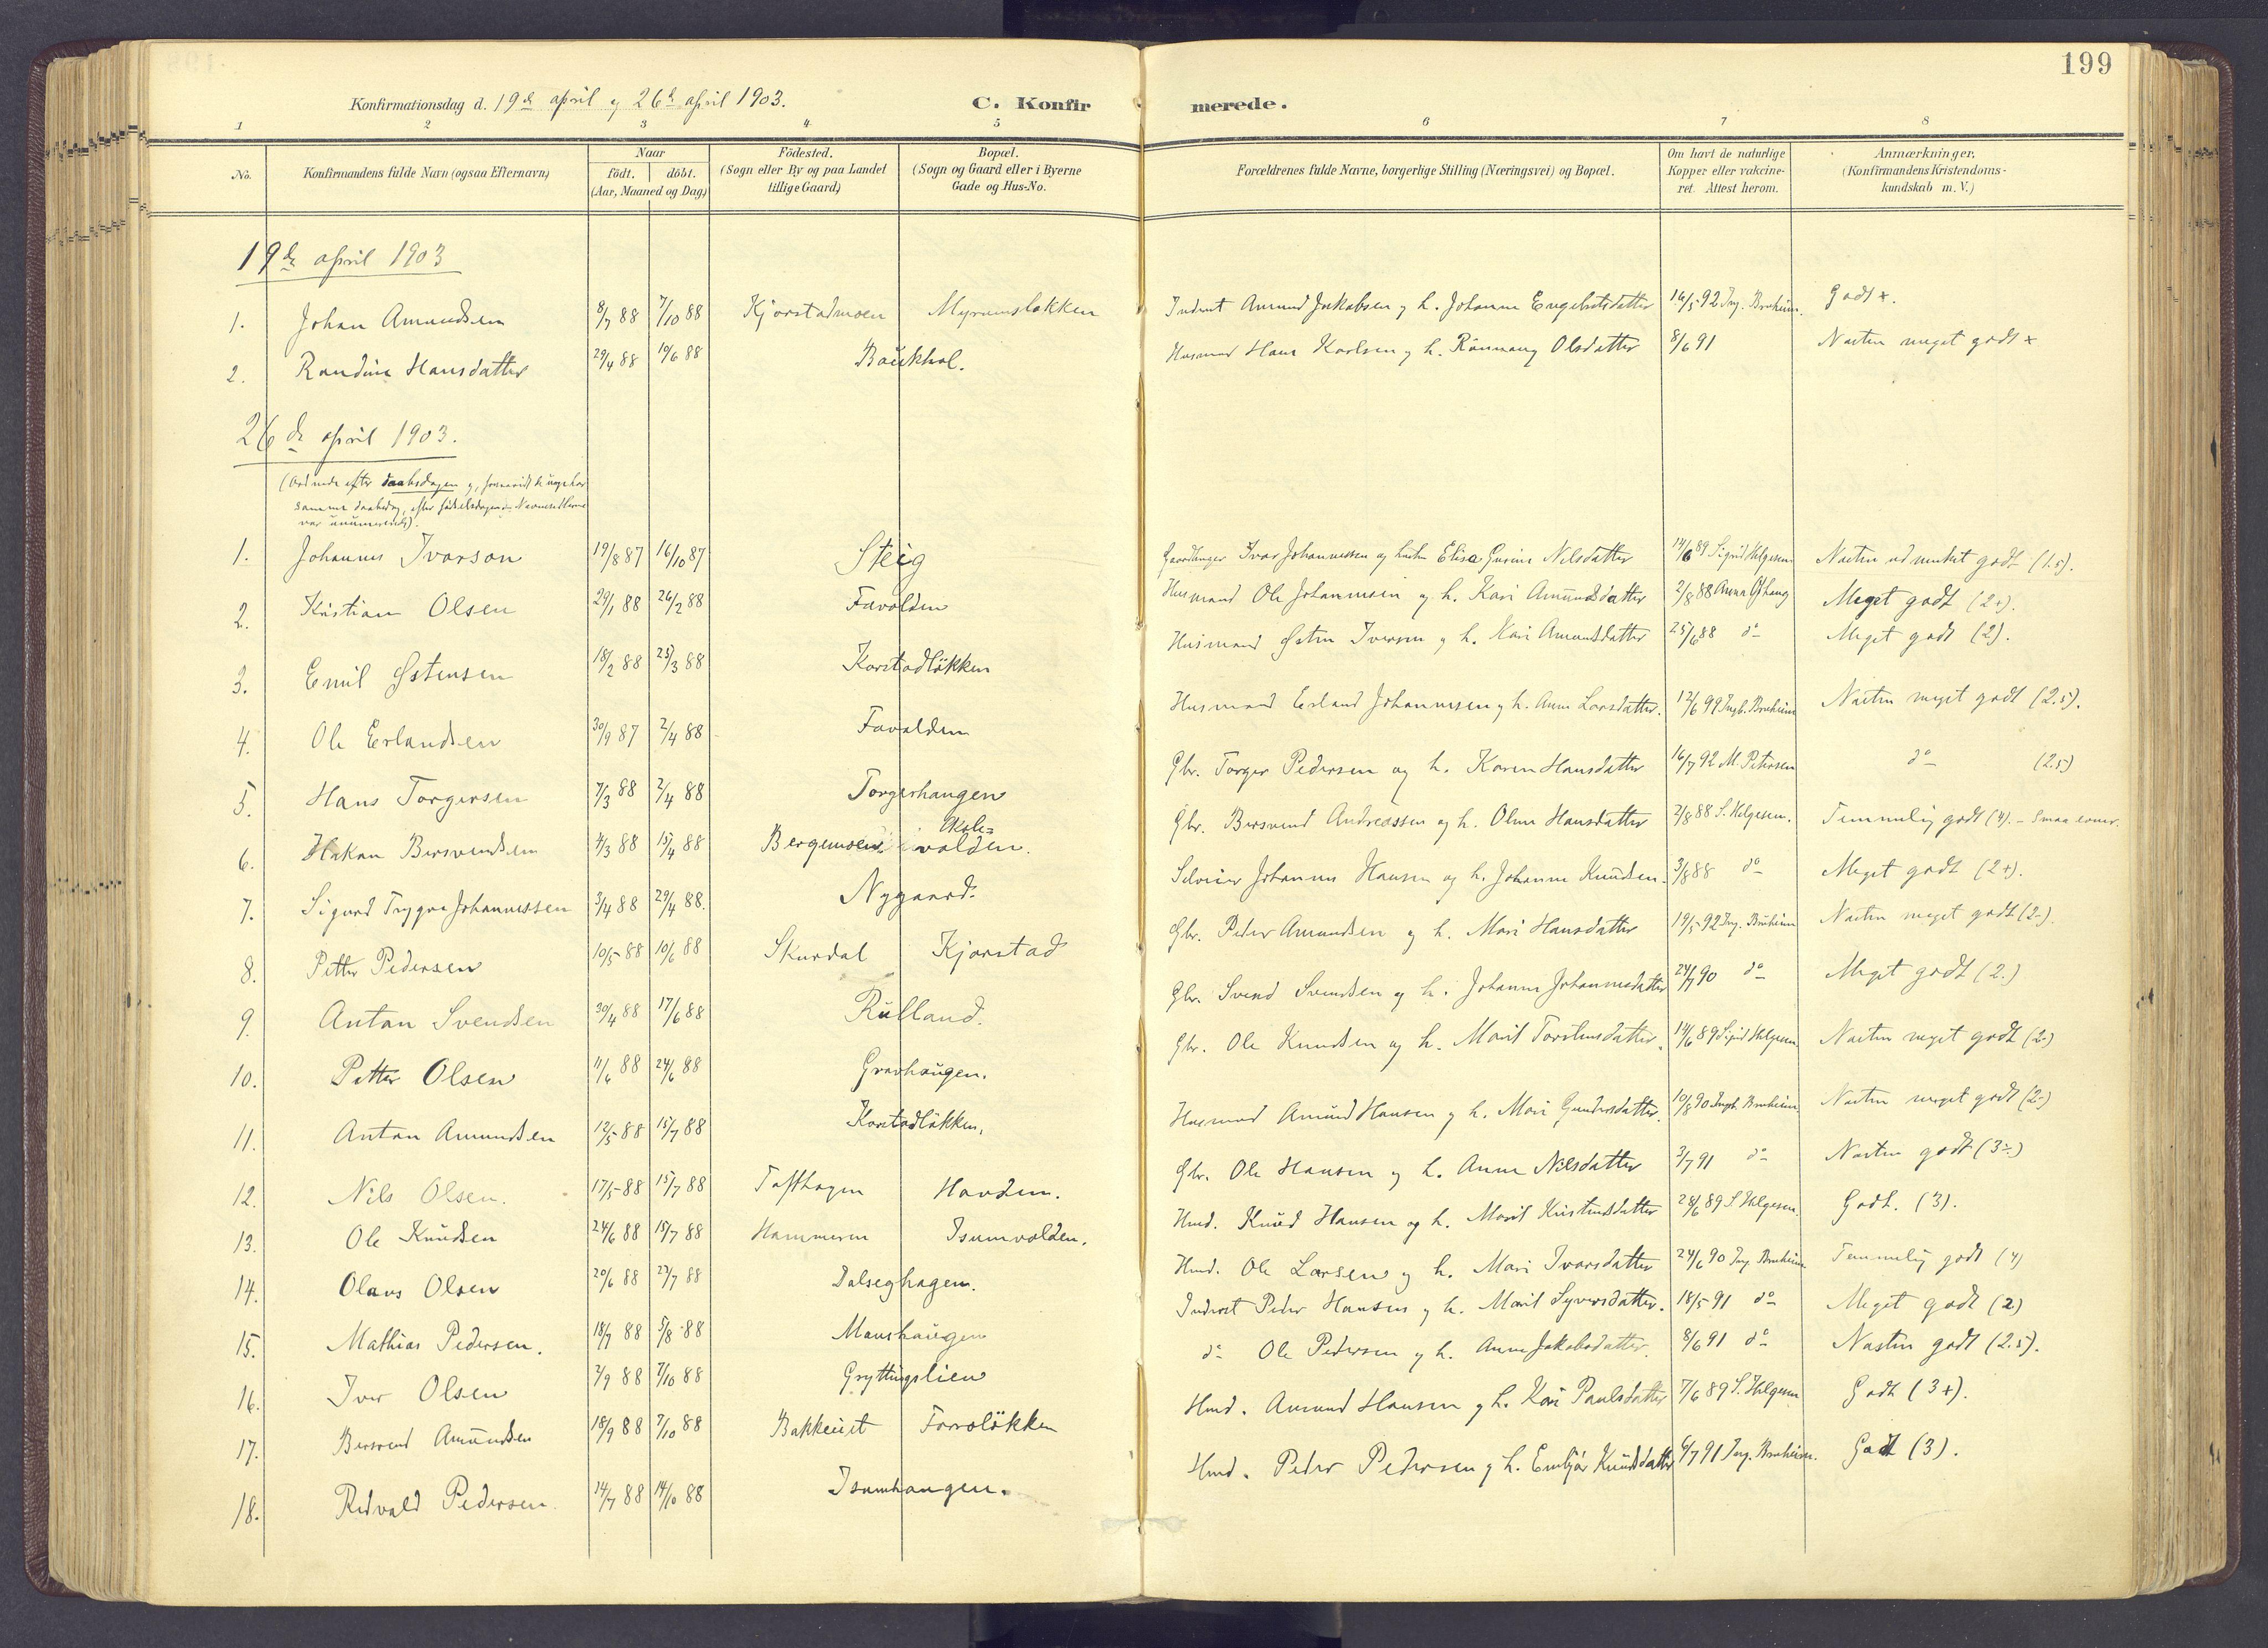 SAH, Sør-Fron prestekontor, H/Ha/Haa/L0004: Ministerialbok nr. 4, 1898-1919, s. 199